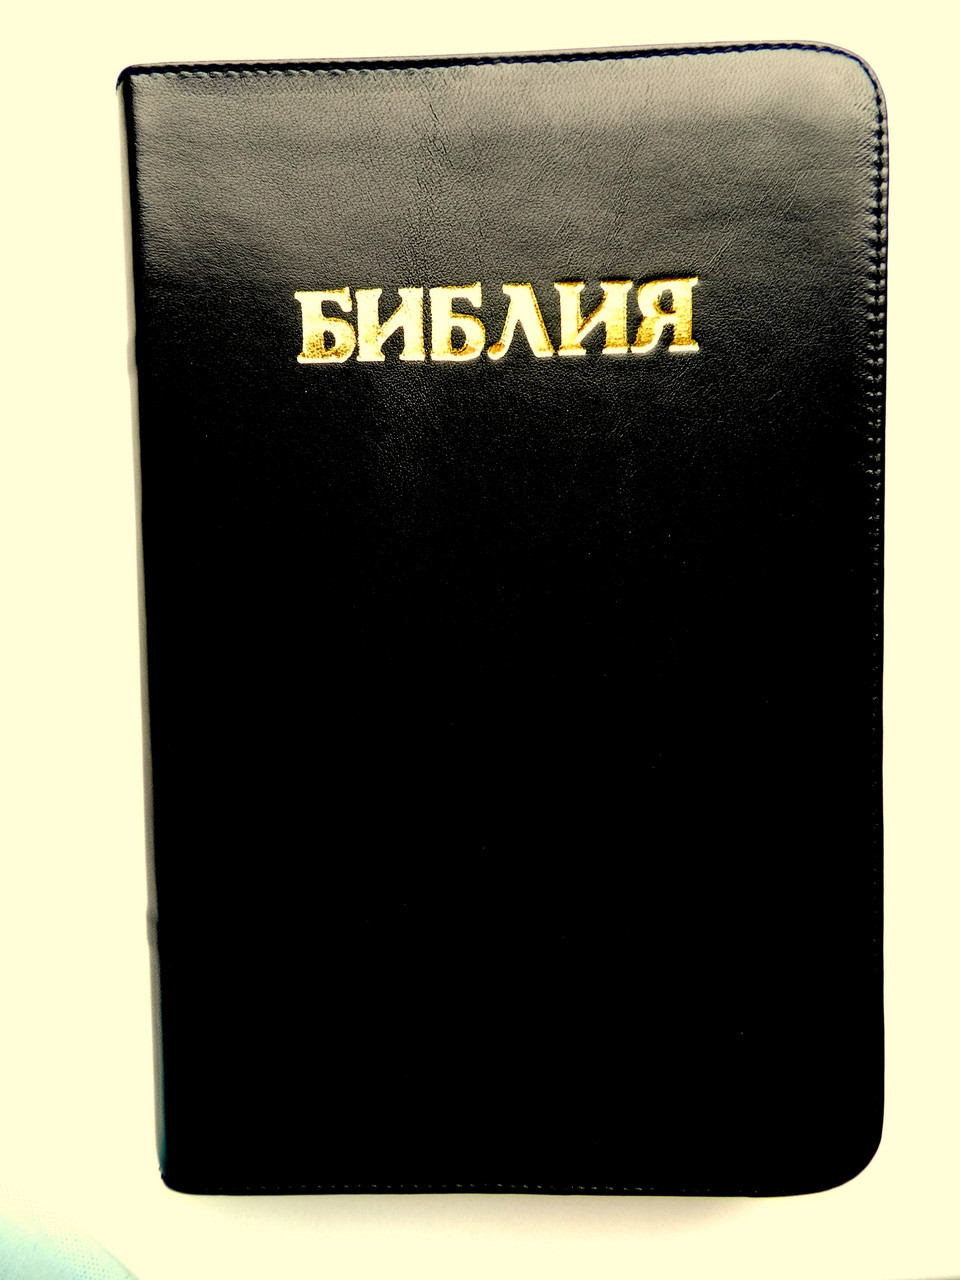 Библия  черного цвета с «золотыми» буквами, 15х23 см,  кожанная, с замочком, золотой срез